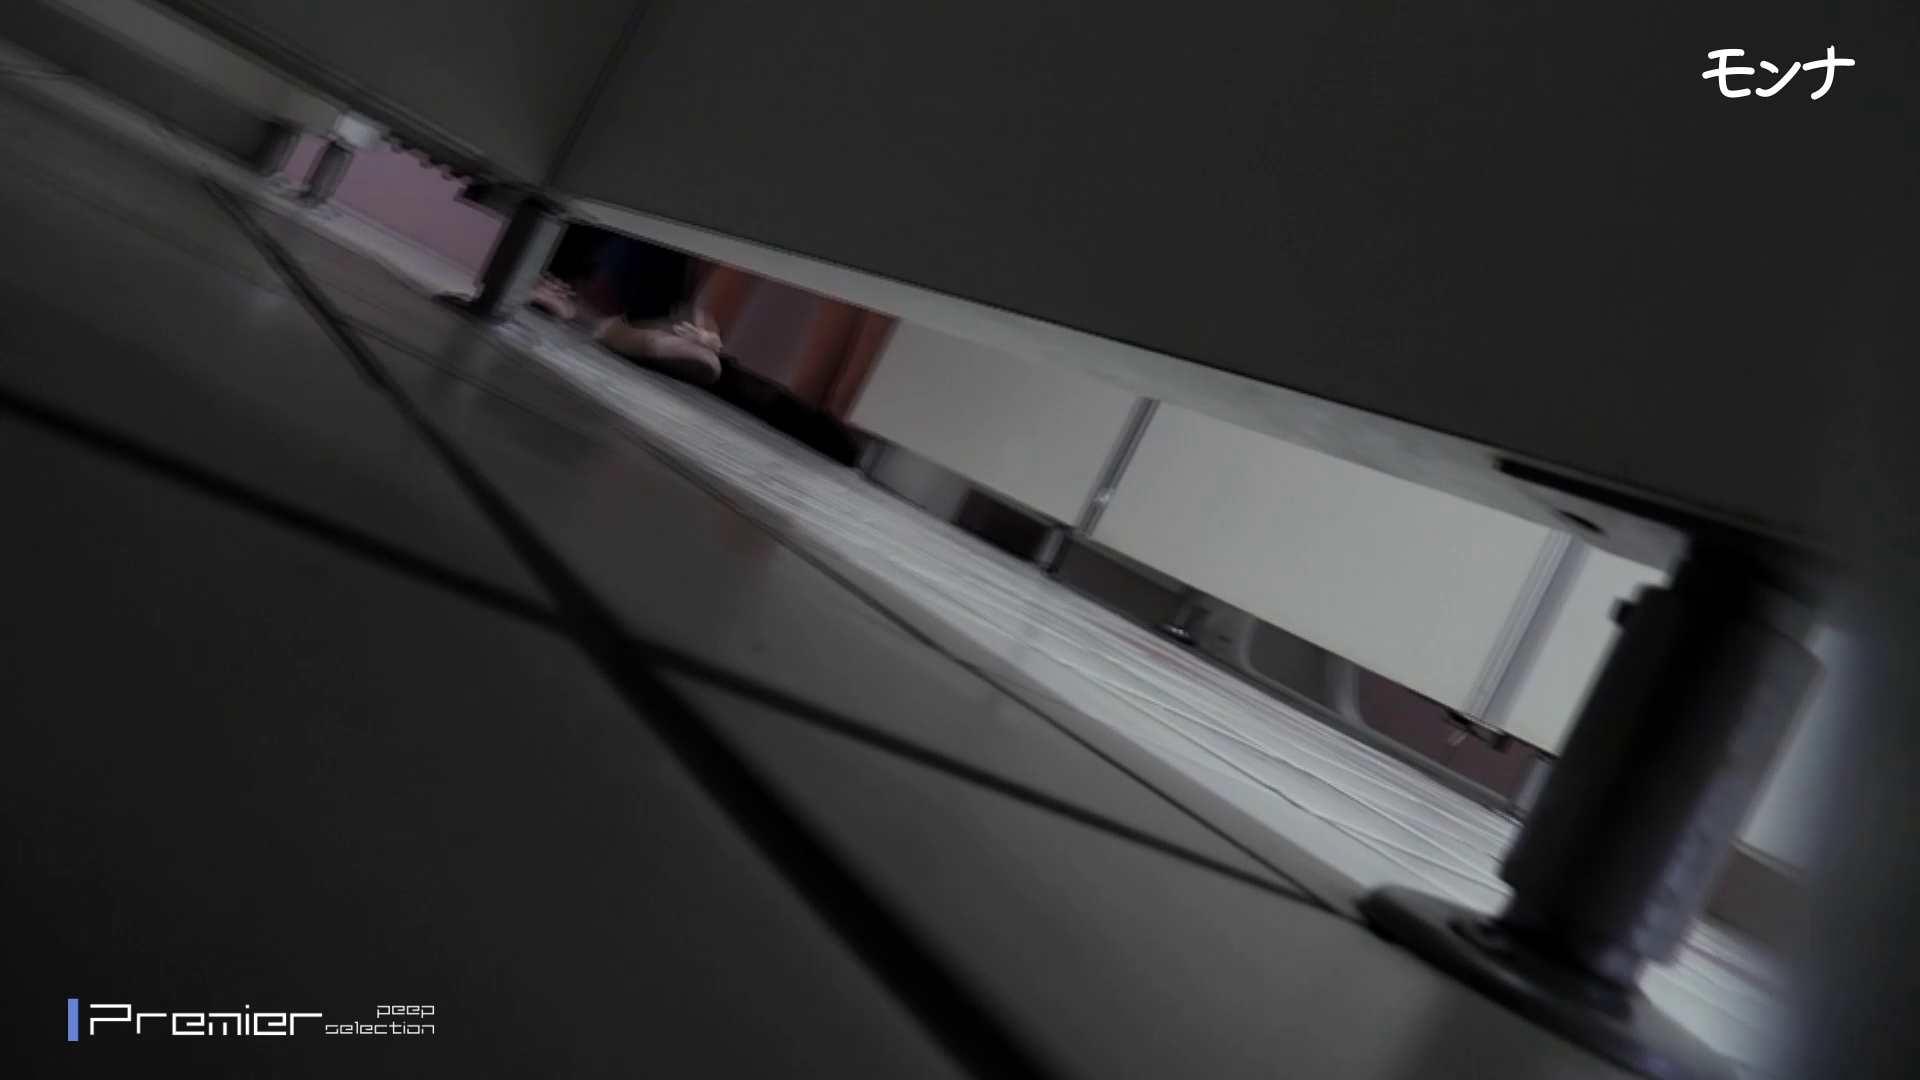 美しい日本の未来 No.77 聖職者のような清楚さを持ち合わせながら… フェチ おめこ無修正動画無料 106画像 23